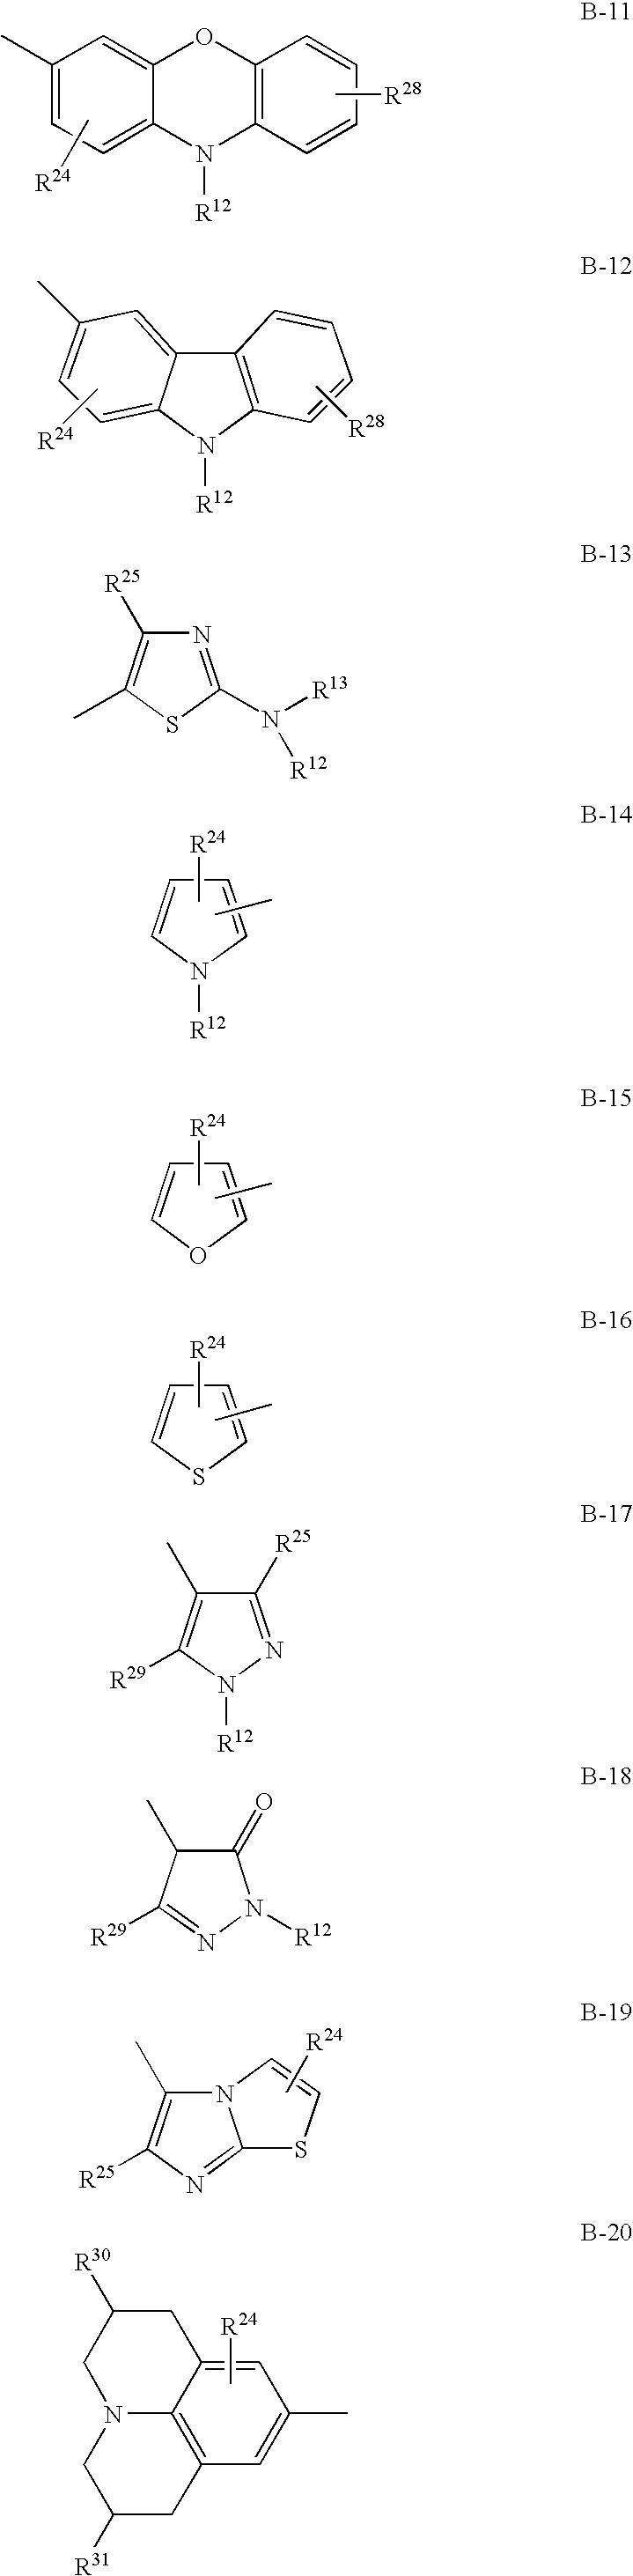 Figure US20070287822A1-20071213-C00060